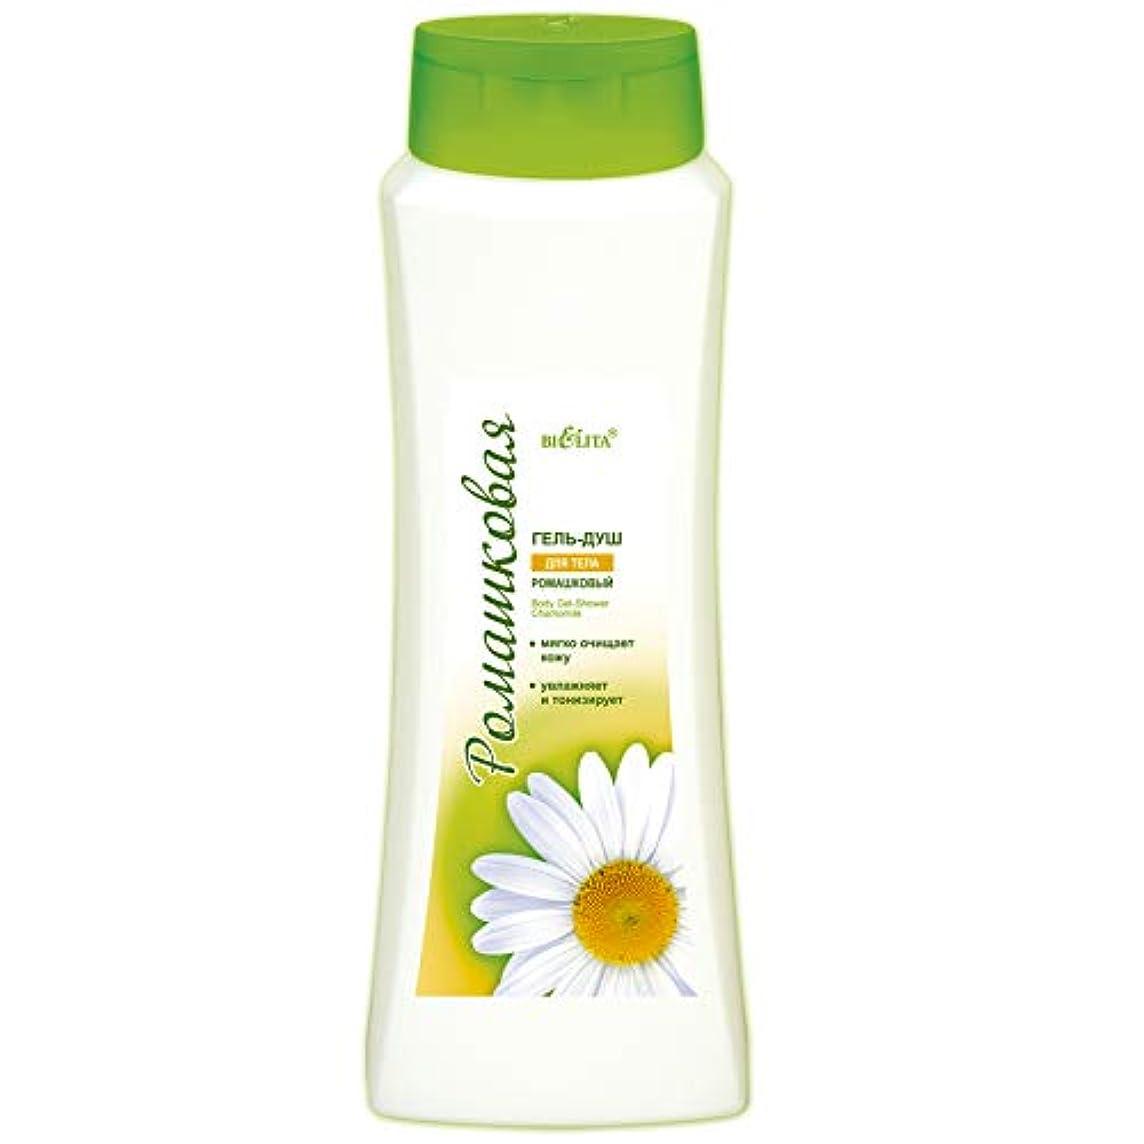 許容できる記事誰でもBielita & Vitex | Chamomile Line | Shower Gel for Body Wash & Care | All Natural: Allantoin, Chamomile Extracts...